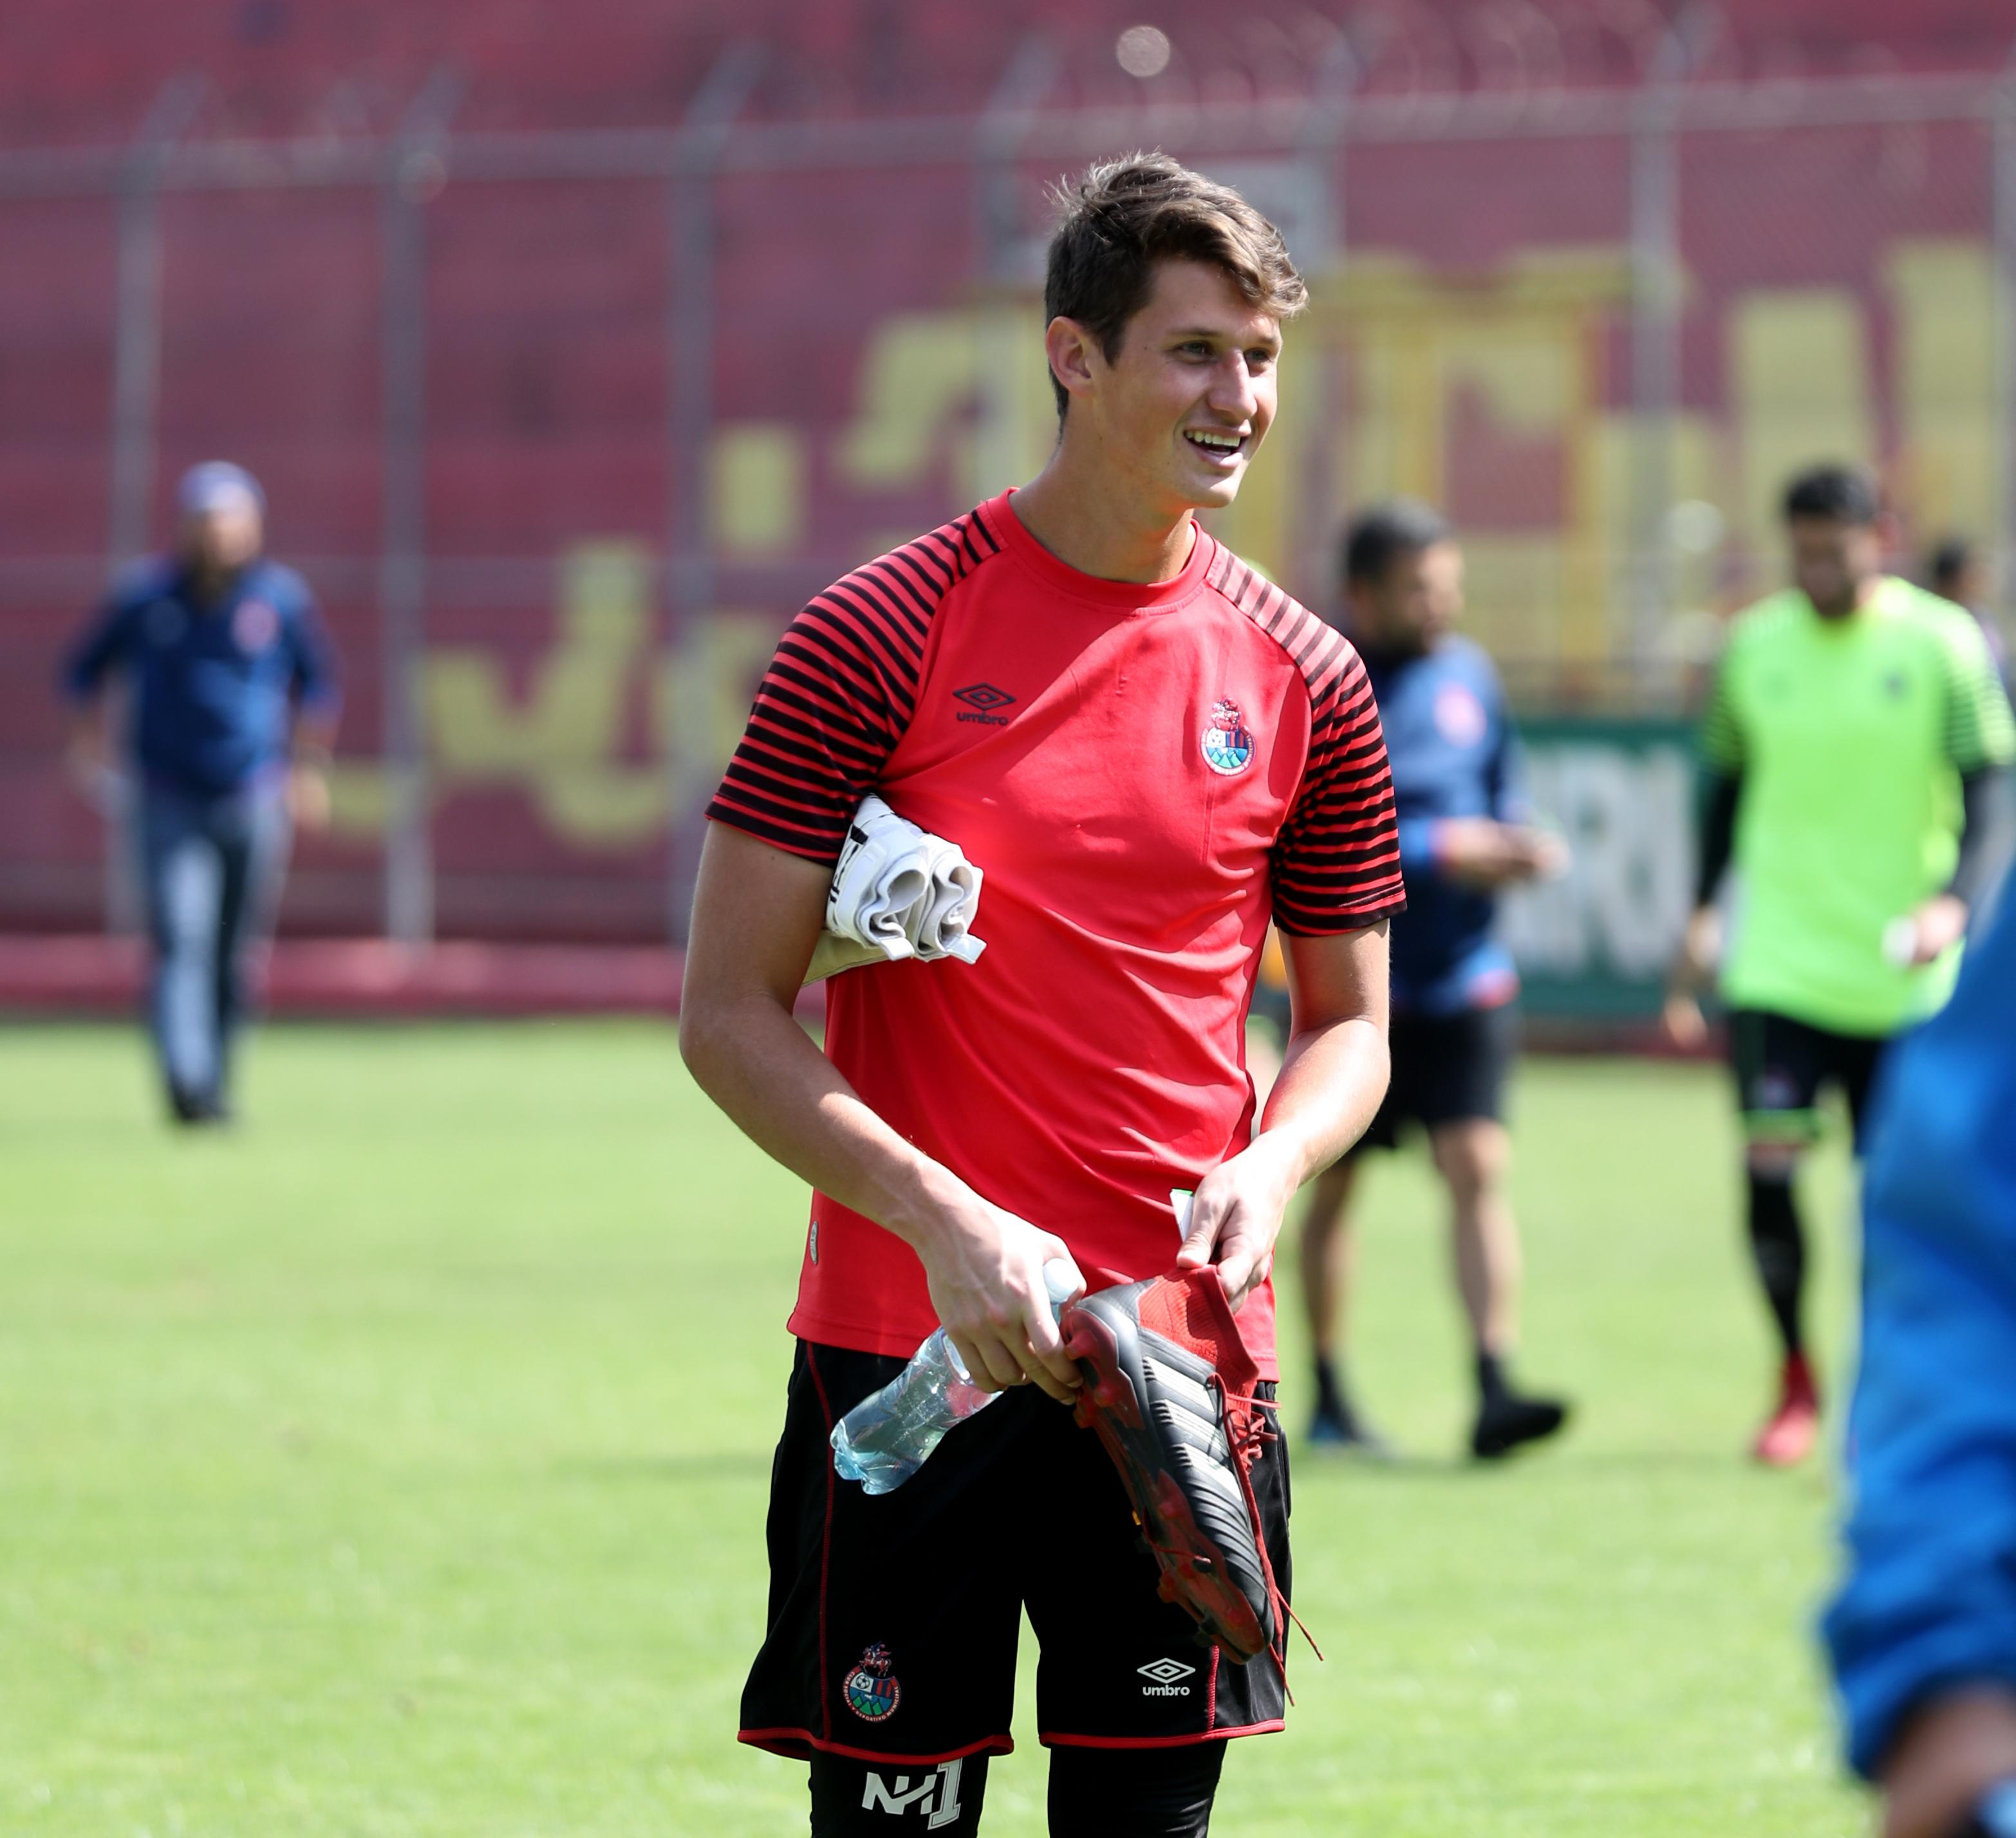 El portero Nicholas Hagen pasa un buen momento con el equipo escarlata (Foto Prensa Libre: Carlos Vicente)